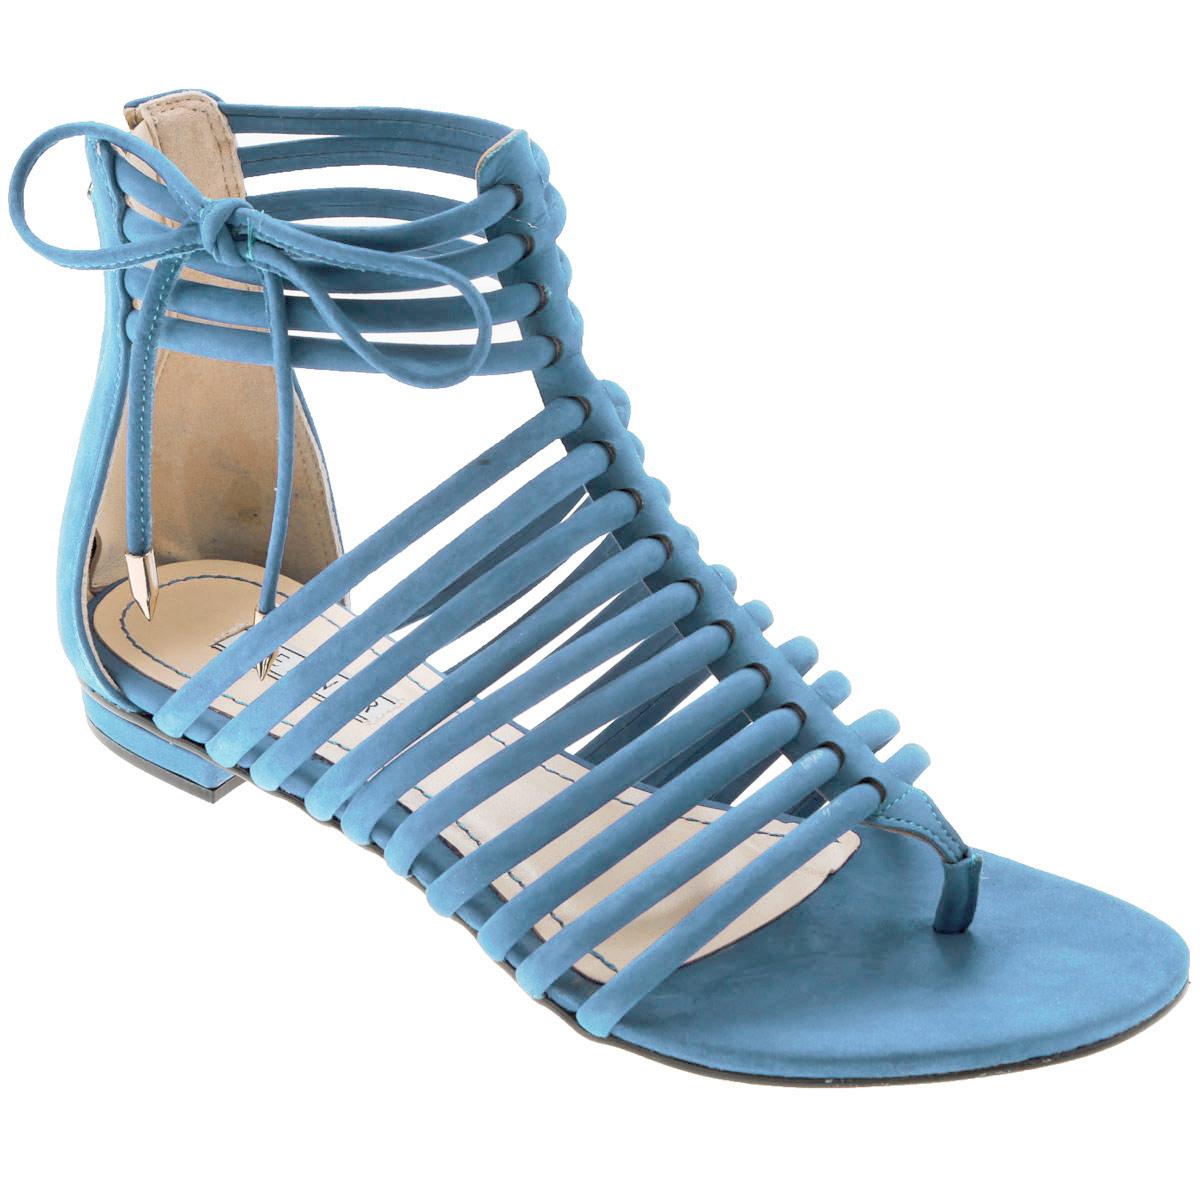 Сандалии женские Werner, цвет: голубой. 0-53034. Размер 39 (40)0-53034Стильные сандалии от Werner займут достойное место среди вашей коллекции летней обуви. Модель выполнена из натурального нубука. Стелька из натуральной кожи обеспечивает комфорт при ходьбе.Эргономичная перемычка между пальцами и тонкие ремешки на подъеме и вокруг щиколотки отвечают за надежную фиксацию модели на ноге. Закрытая пятка дополнена удобной застежкой-молнией. Декорировано изделие бантиком из нубука с металлическими наконечниками Подошва выполнена из прочного полимера с противоскользящим рифлением.Модные сандалии прекрасно дополнят любой из ваших образов.